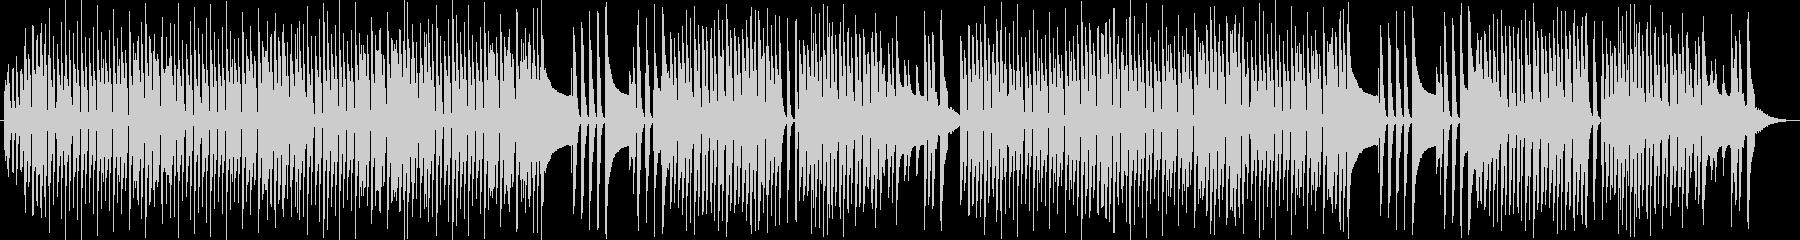 ポルカ風軽快な四つ打ち、木琴スタイルの未再生の波形